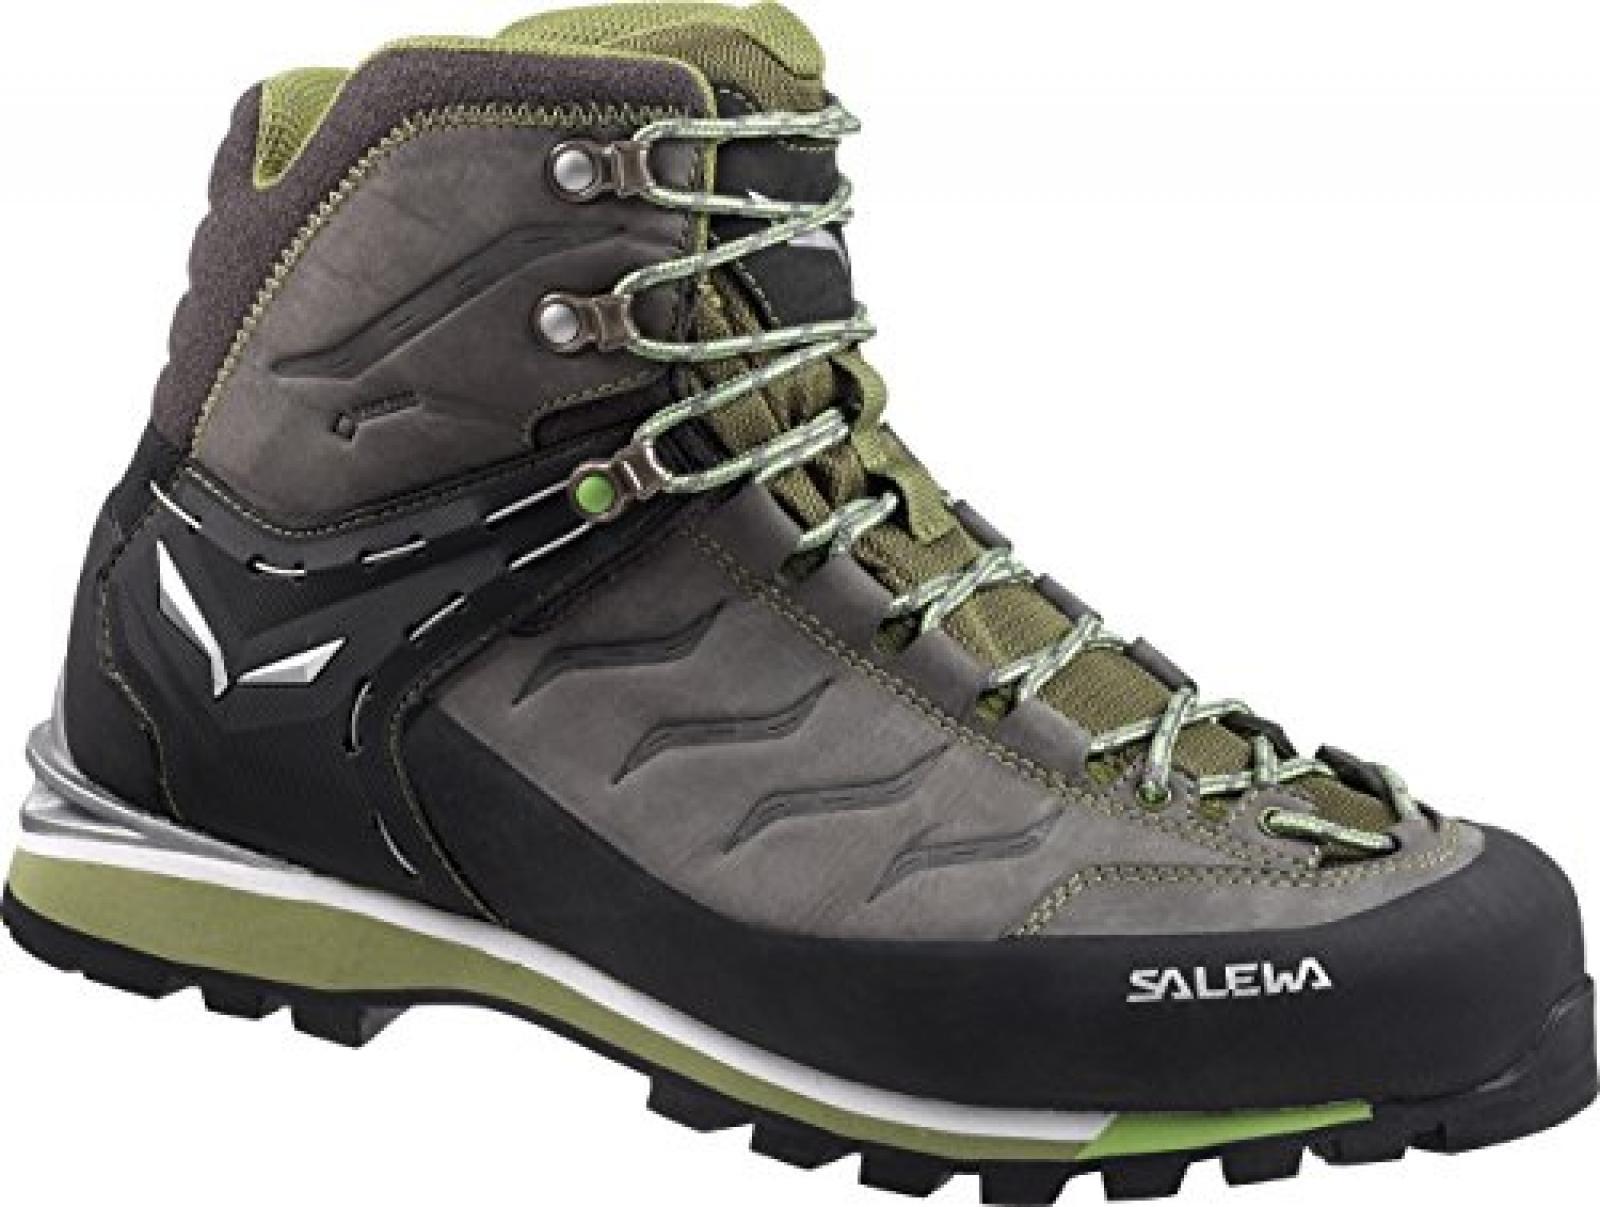 SALEWA MS RAPACE GTX Herren Trekking- & Wanderstiefel